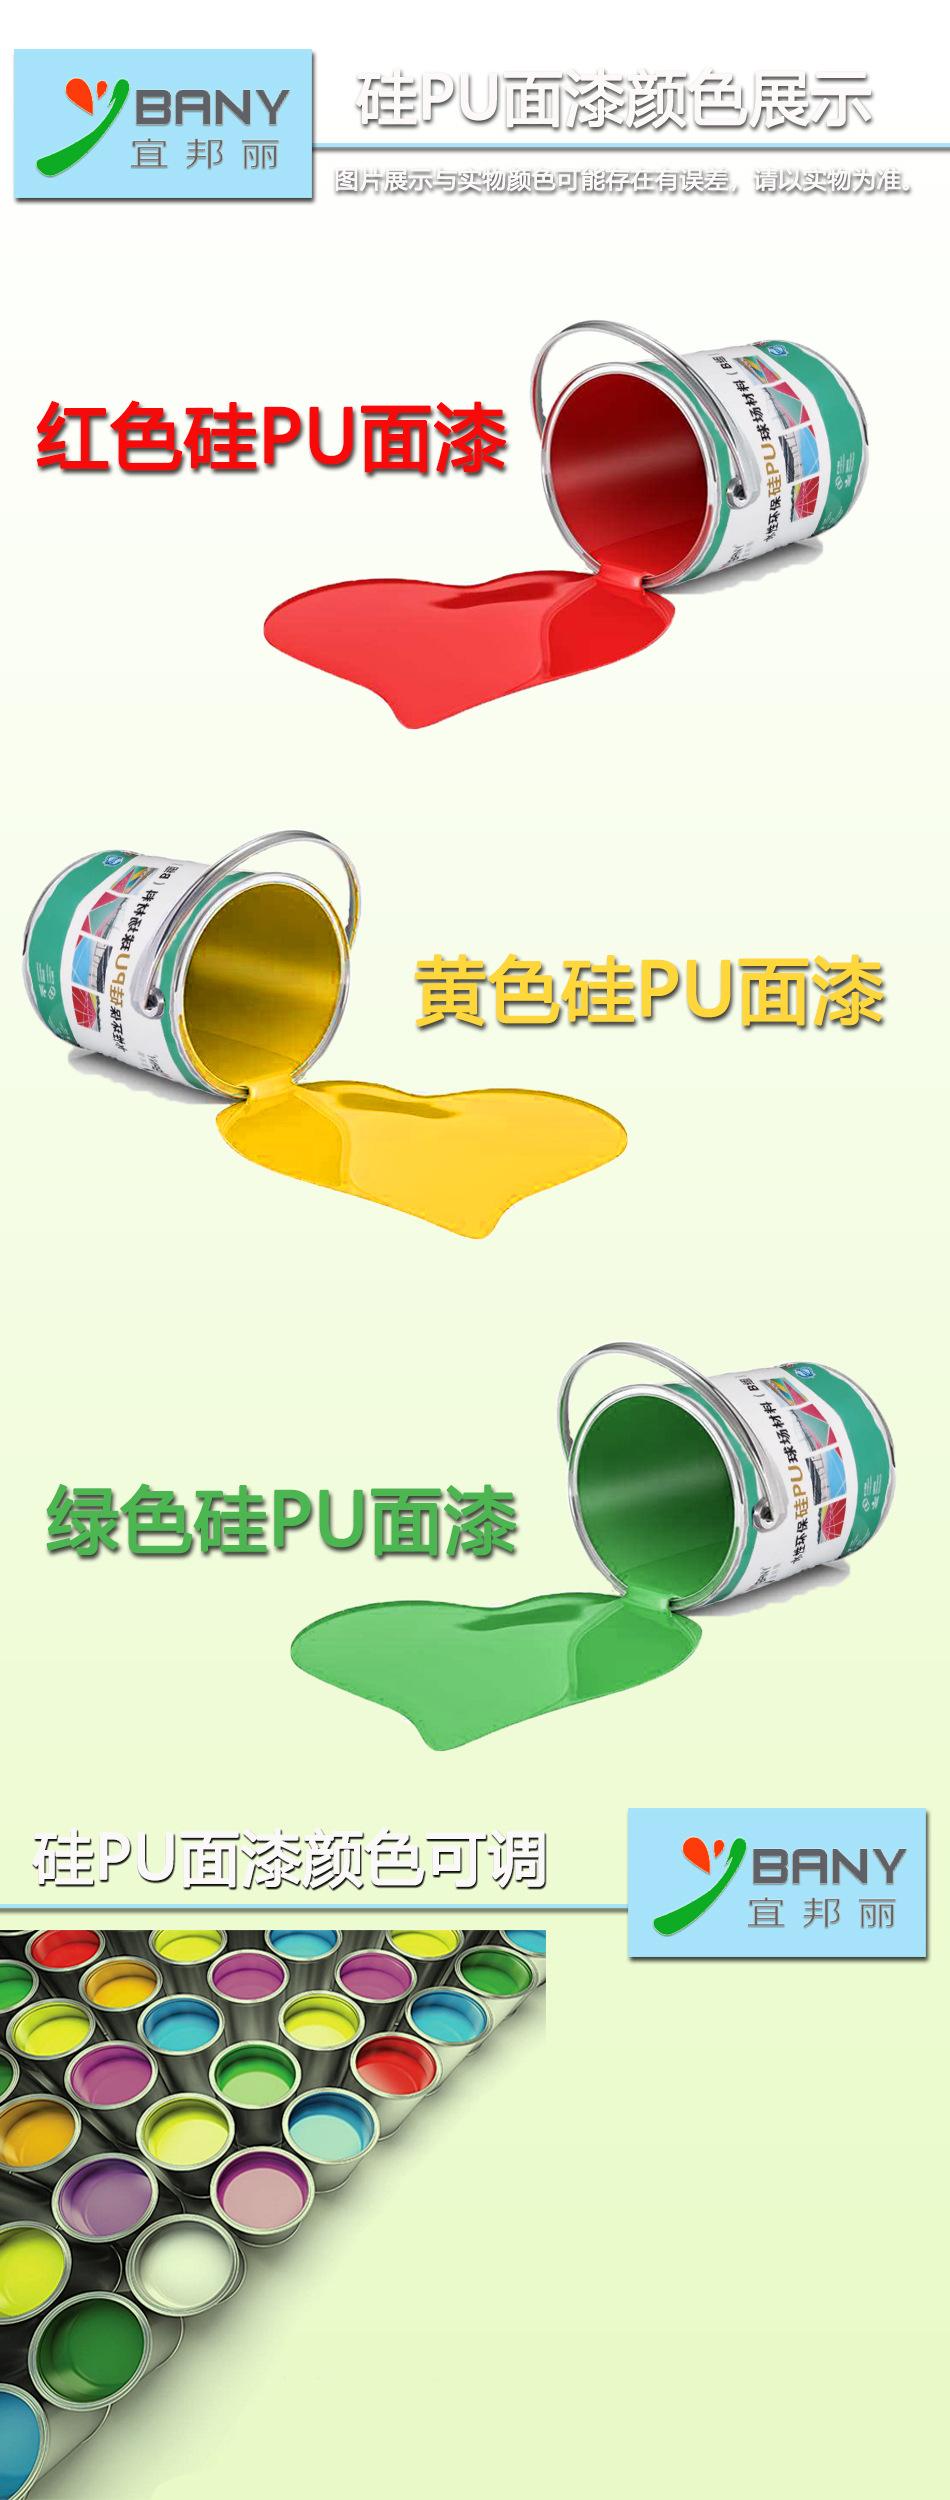 上海新國標塑膠硅PU球場材料生產廠家水性環保硅PU面漆面涂層直銷示例圖2